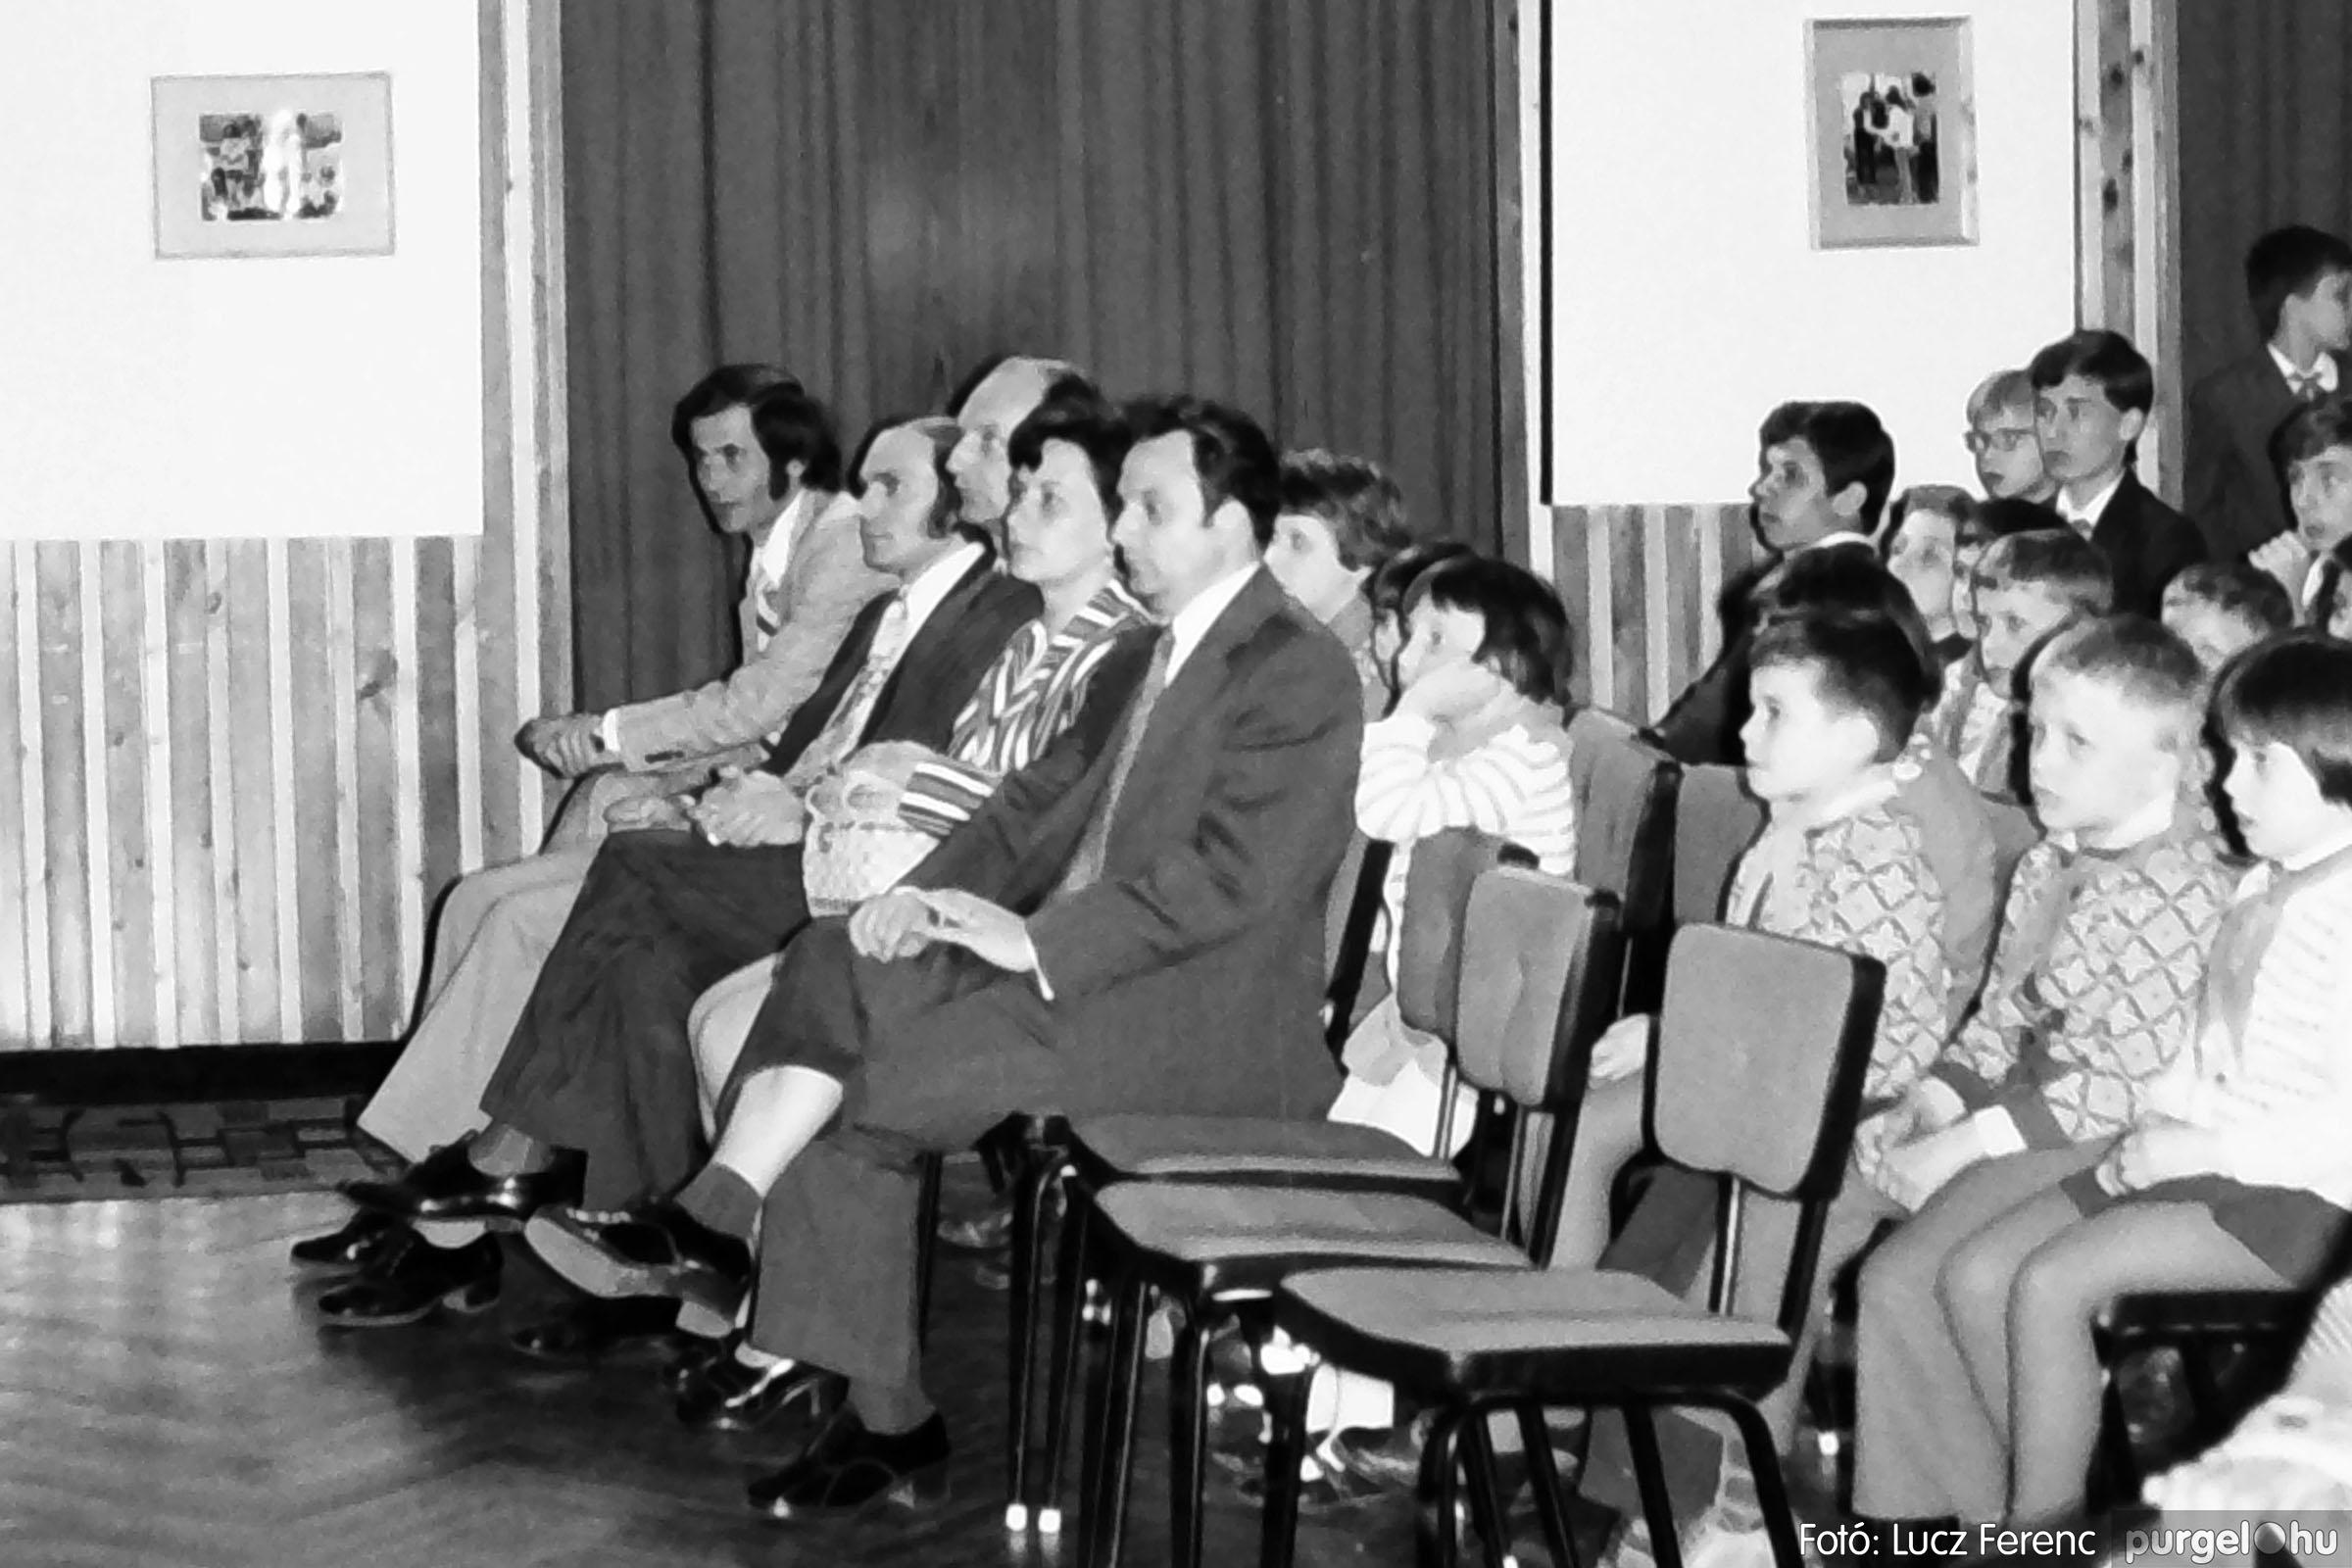 039. 1976.04.04. Április 4-i ünnepség a kultúrházban 023. - Fotó: Lucz Ferenc.jpg